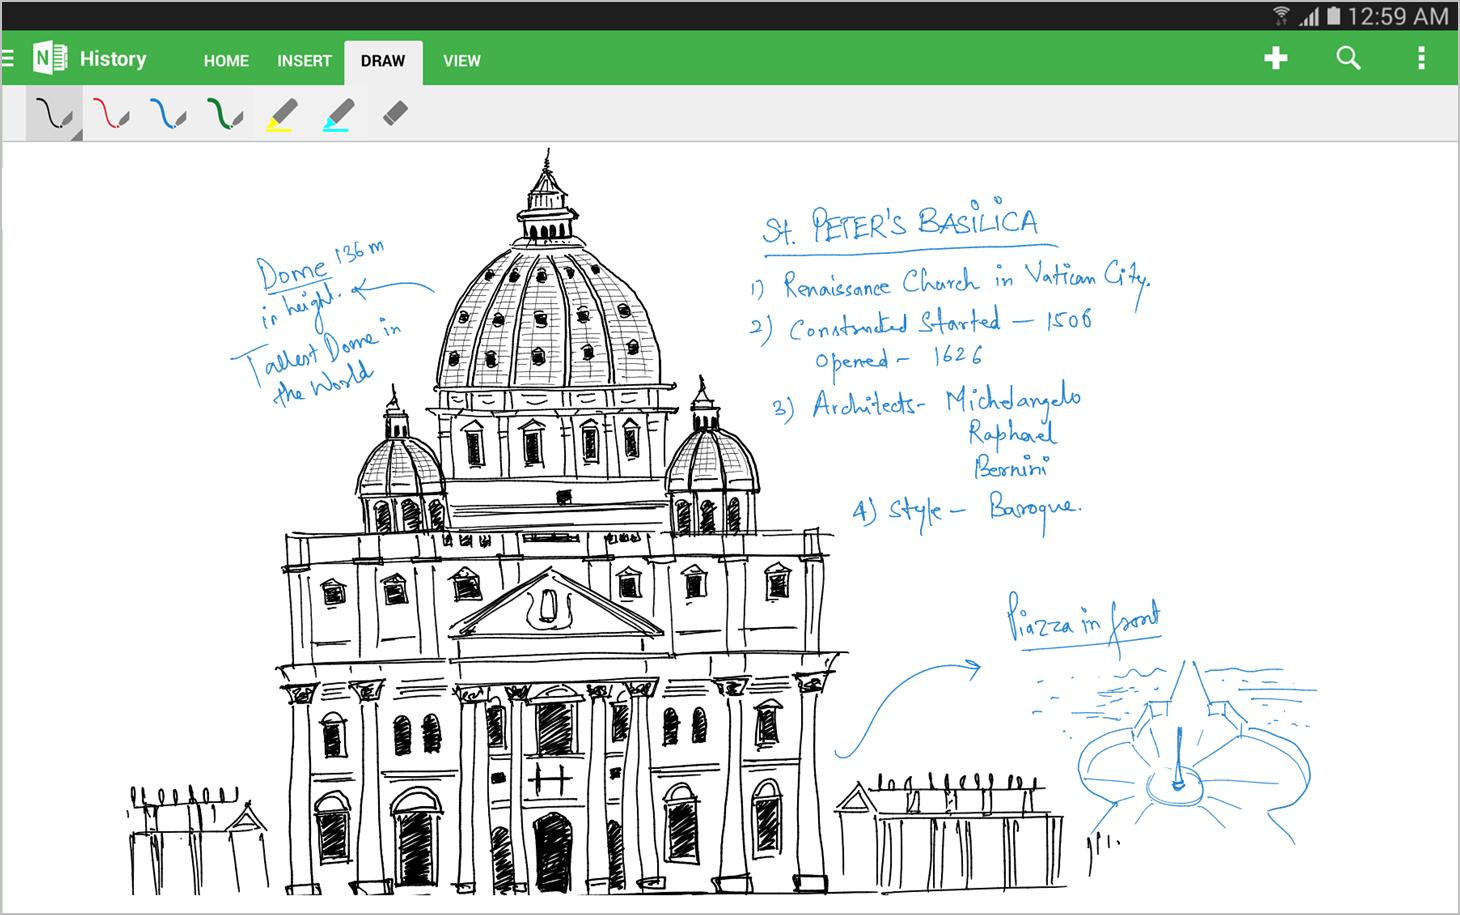 Handwriting capabilities in OneNote